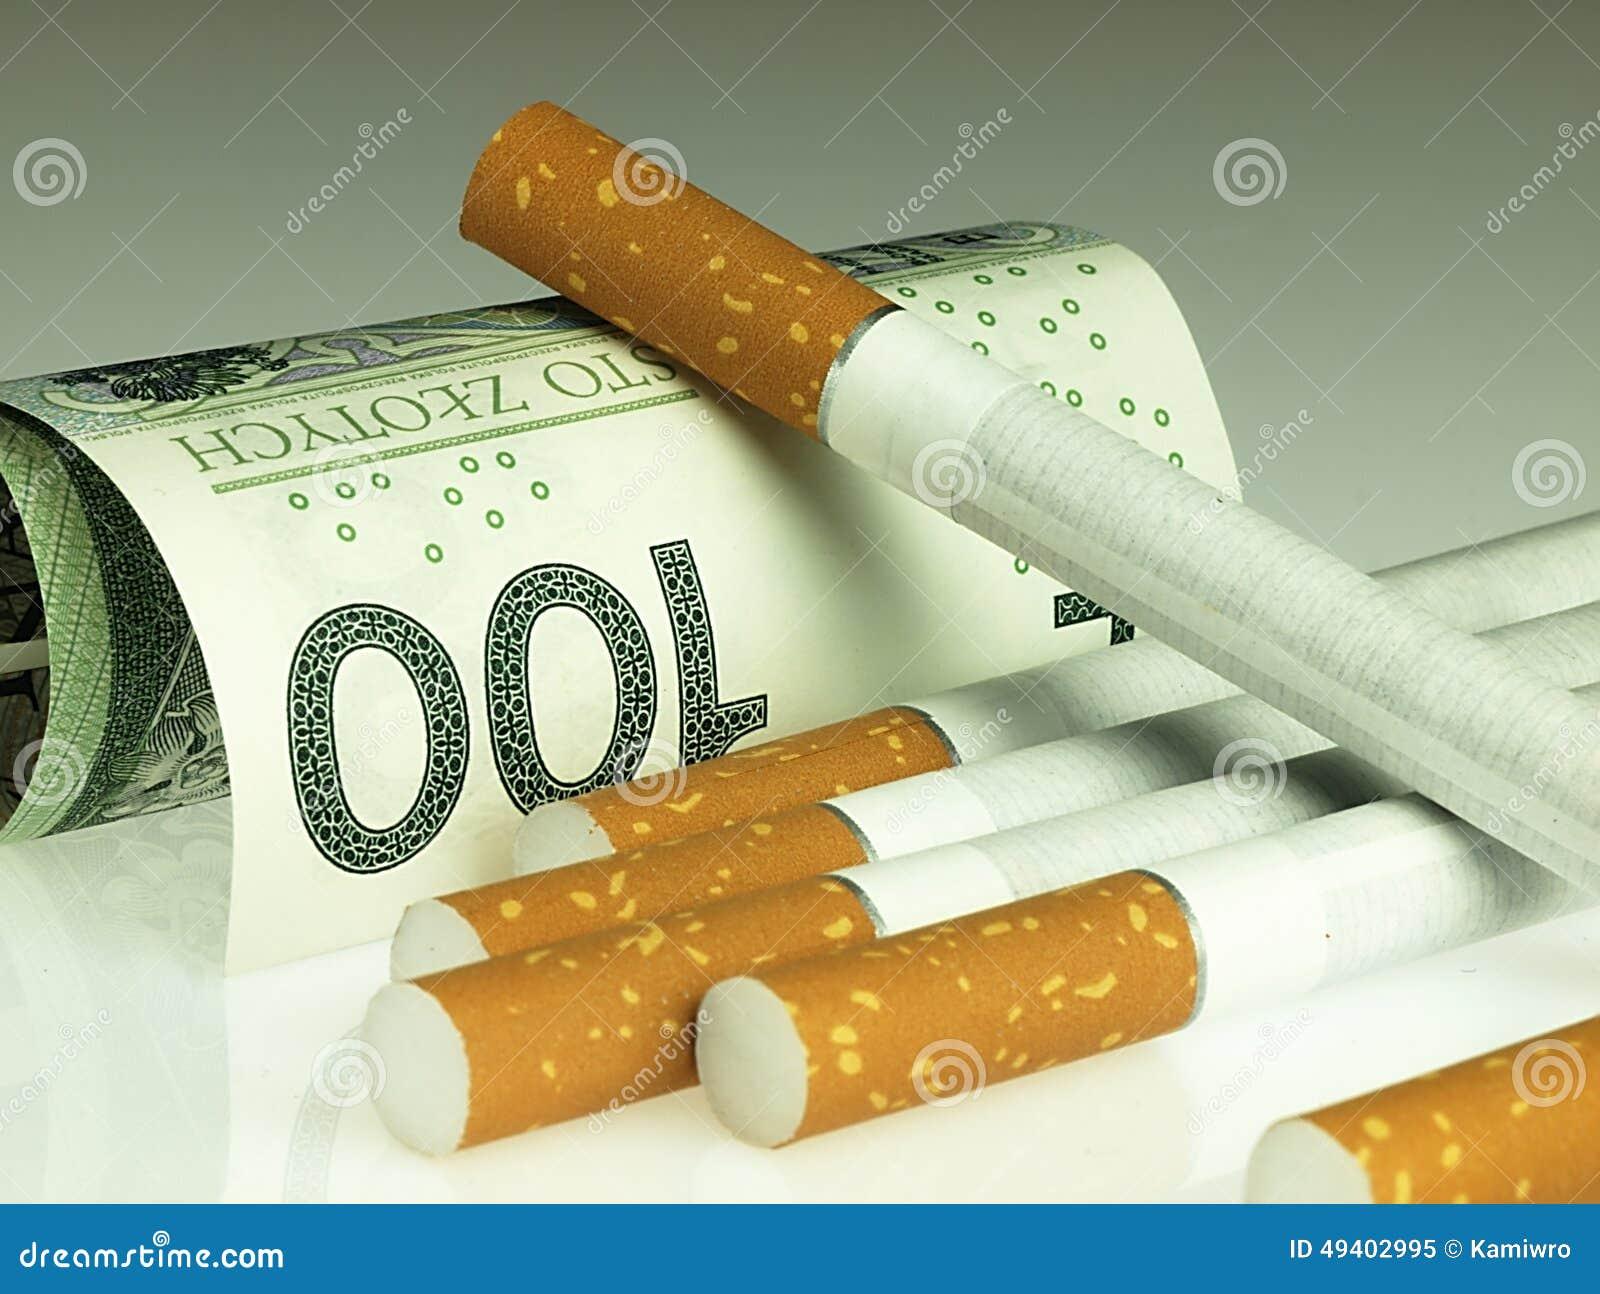 Download Zigaretten Und Geld Teure Gewohnheit Stockbild - Bild von nahaufnahme, kostspielig: 49402995